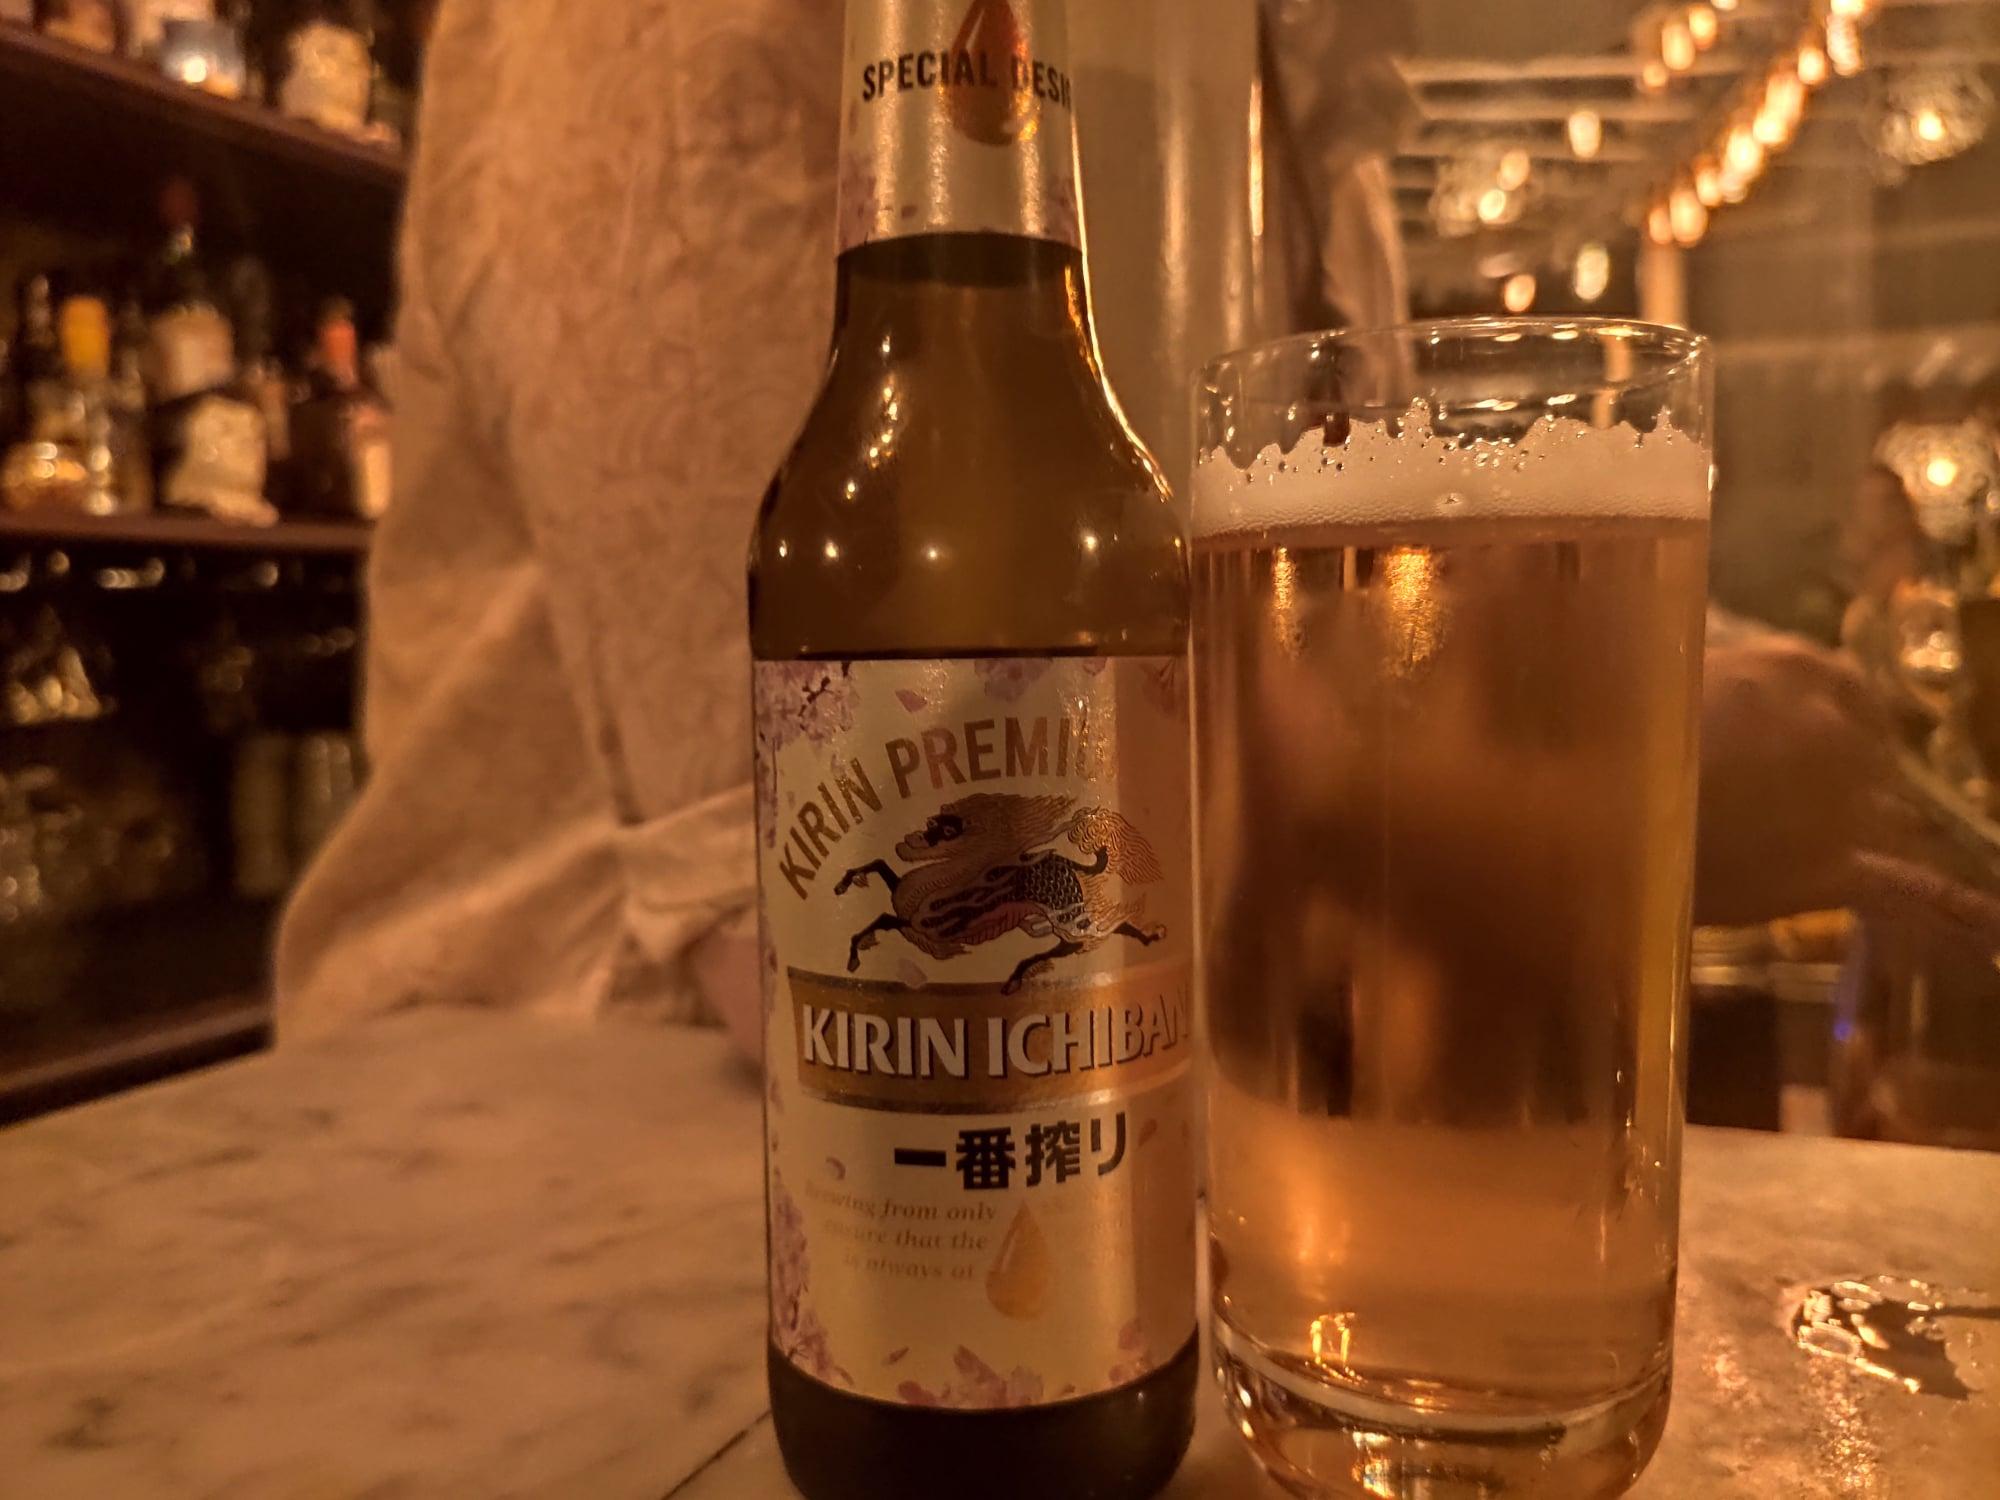 Bière Kirin Ichiban - Lulu White